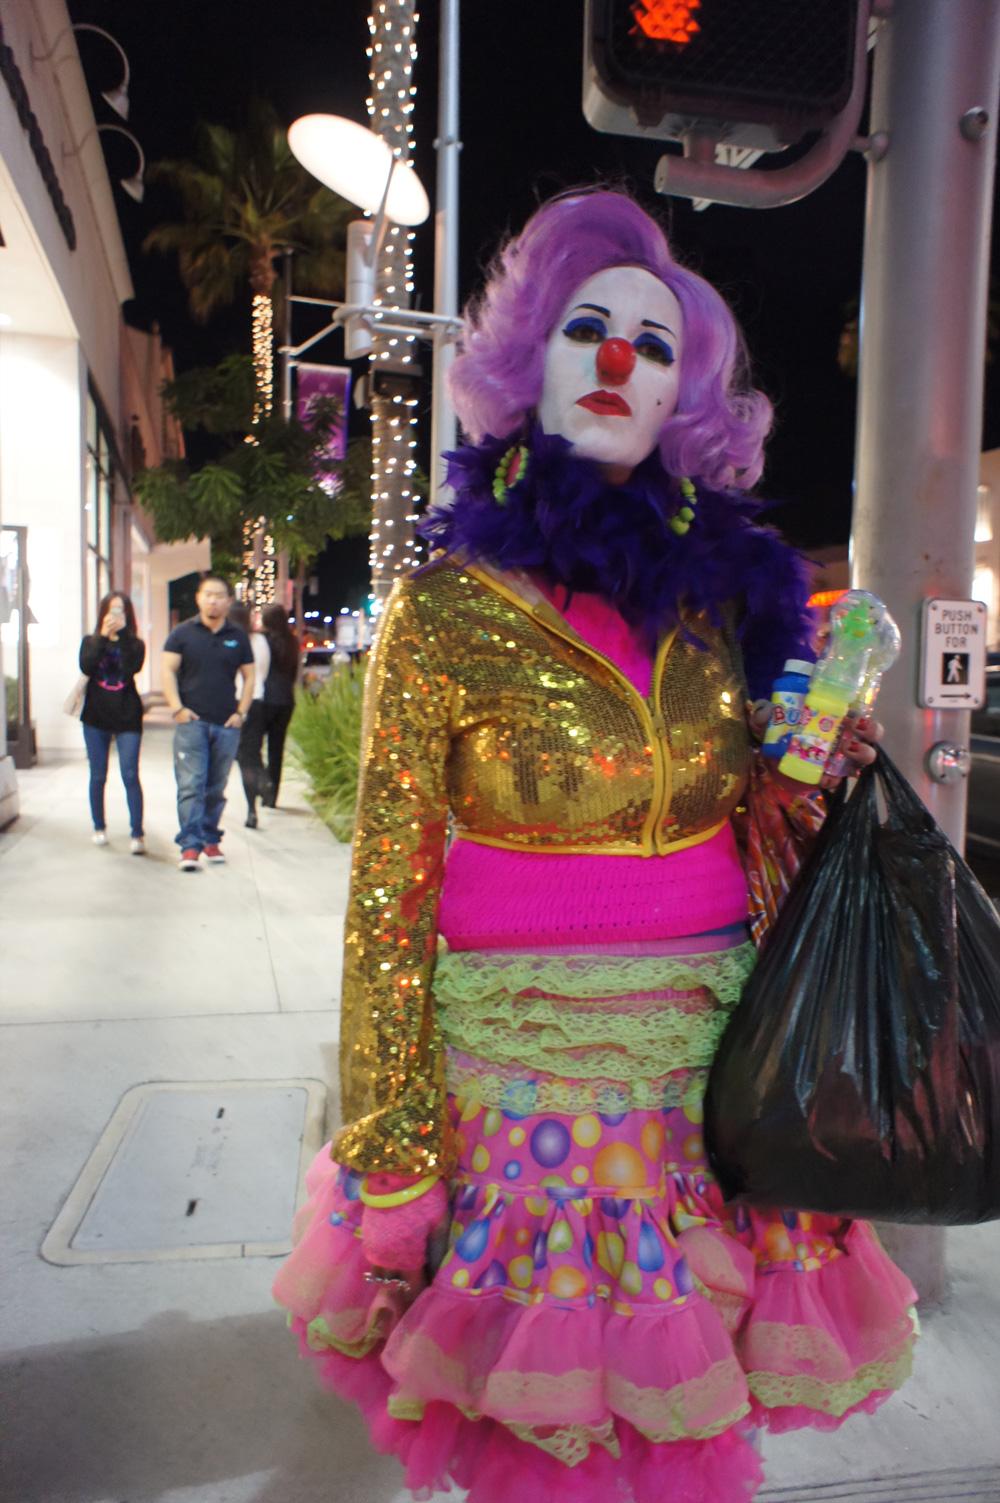 City Clown